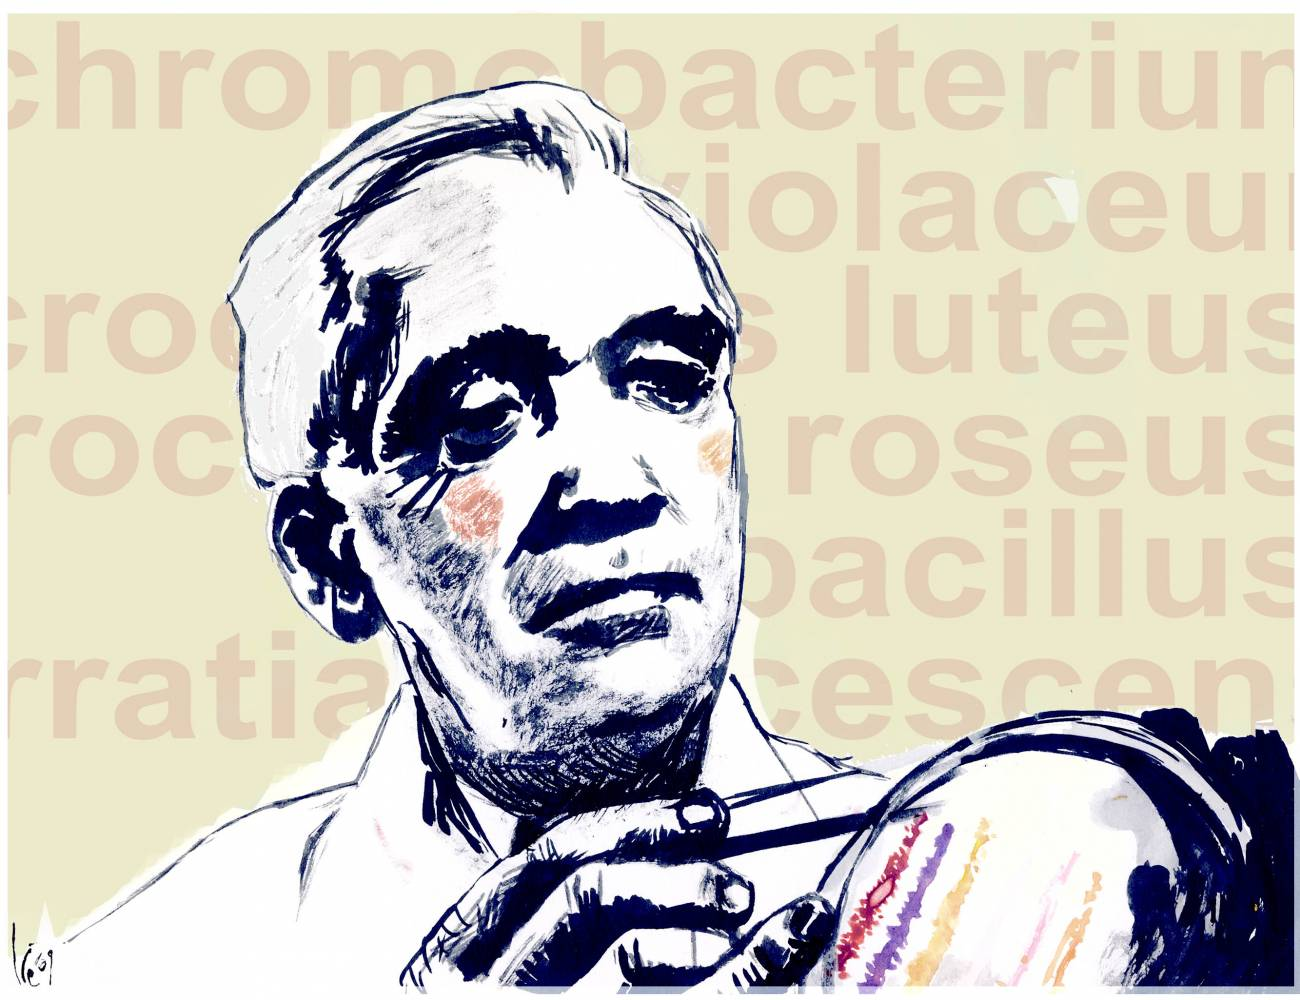 El 11 de marzo de 1955 murió el científico escocés Alexander Fleming